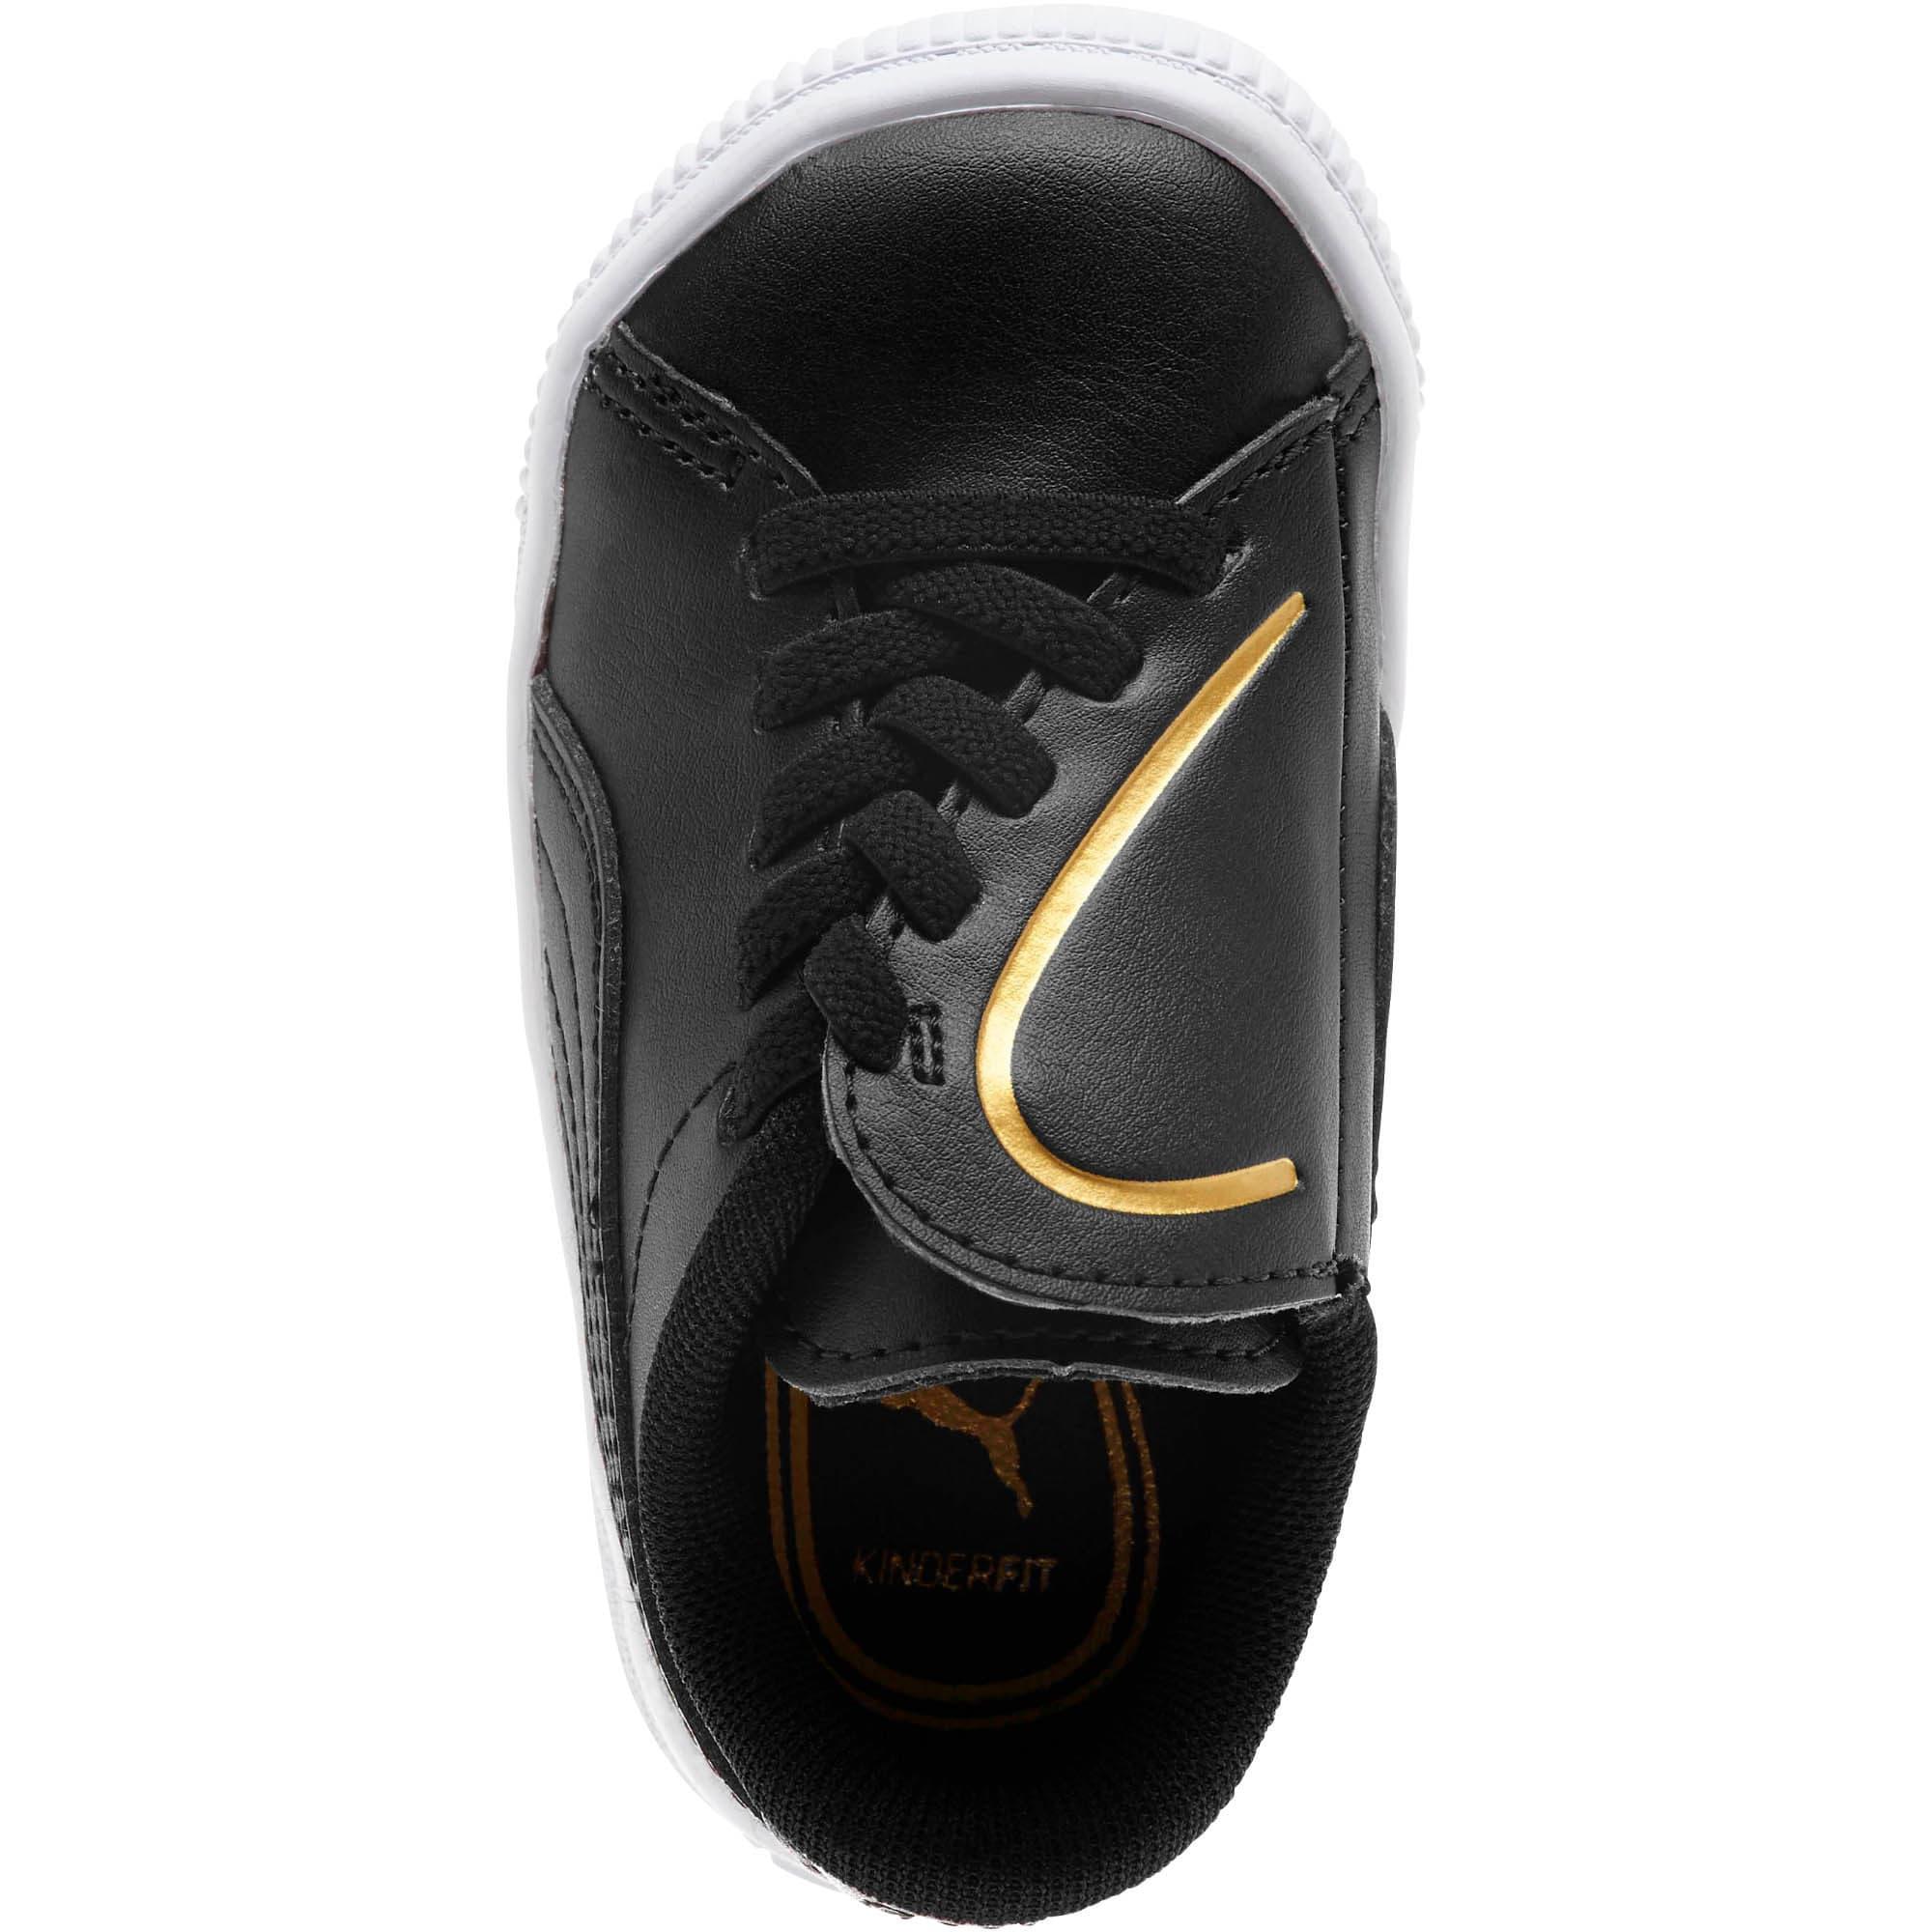 Miniatura 5 de Zapatos Basket Crush AC para bebés, Puma Black-Puma Team Gold, mediano